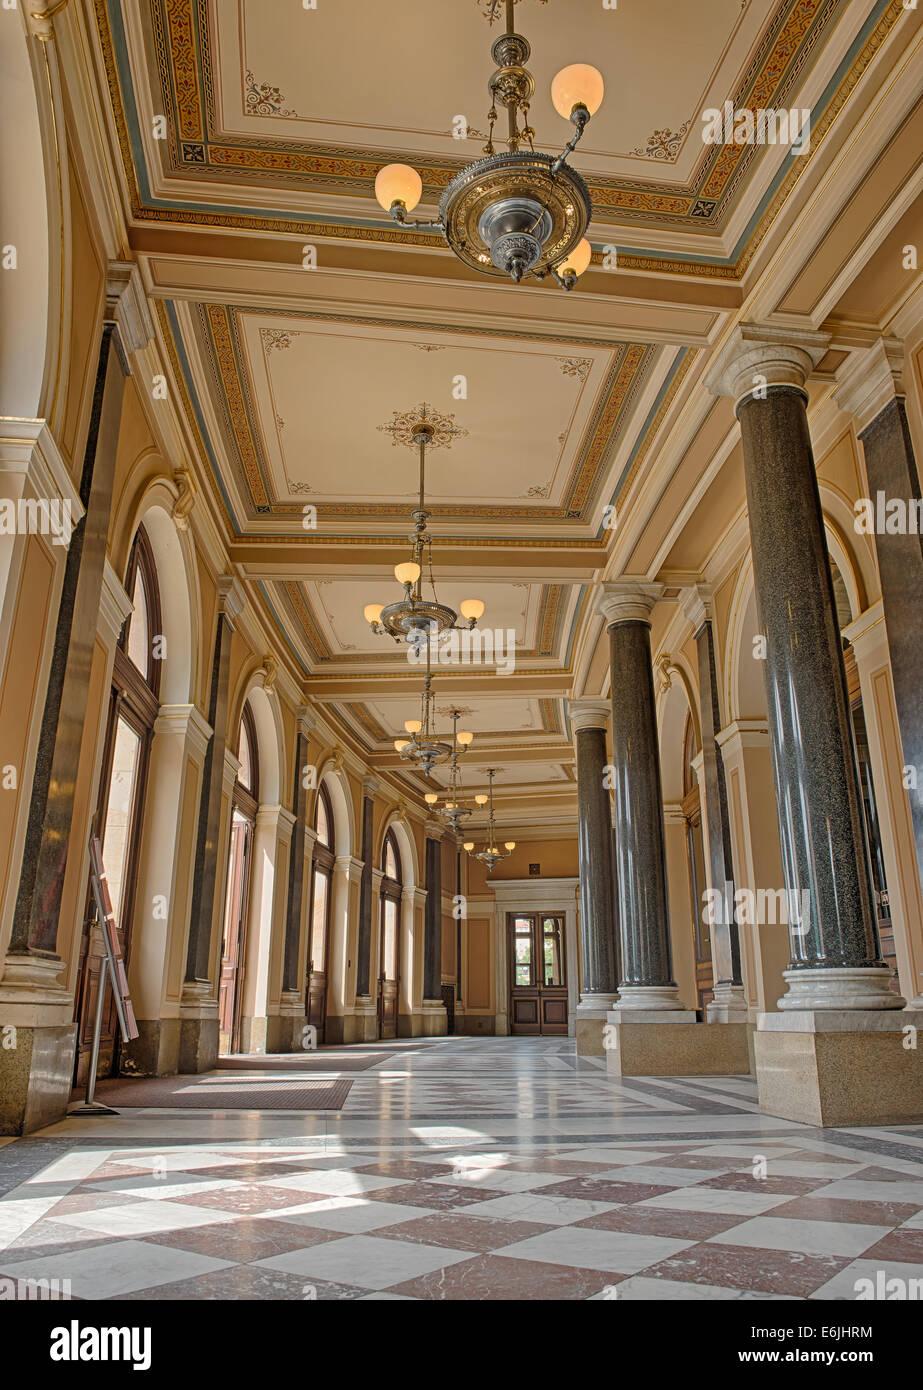 Prag, Tschechien - 15. August 2014: Lobby des Rudolfinum, ein Hörsaal mit Musik und Heimat der Tschechischen Stockbild